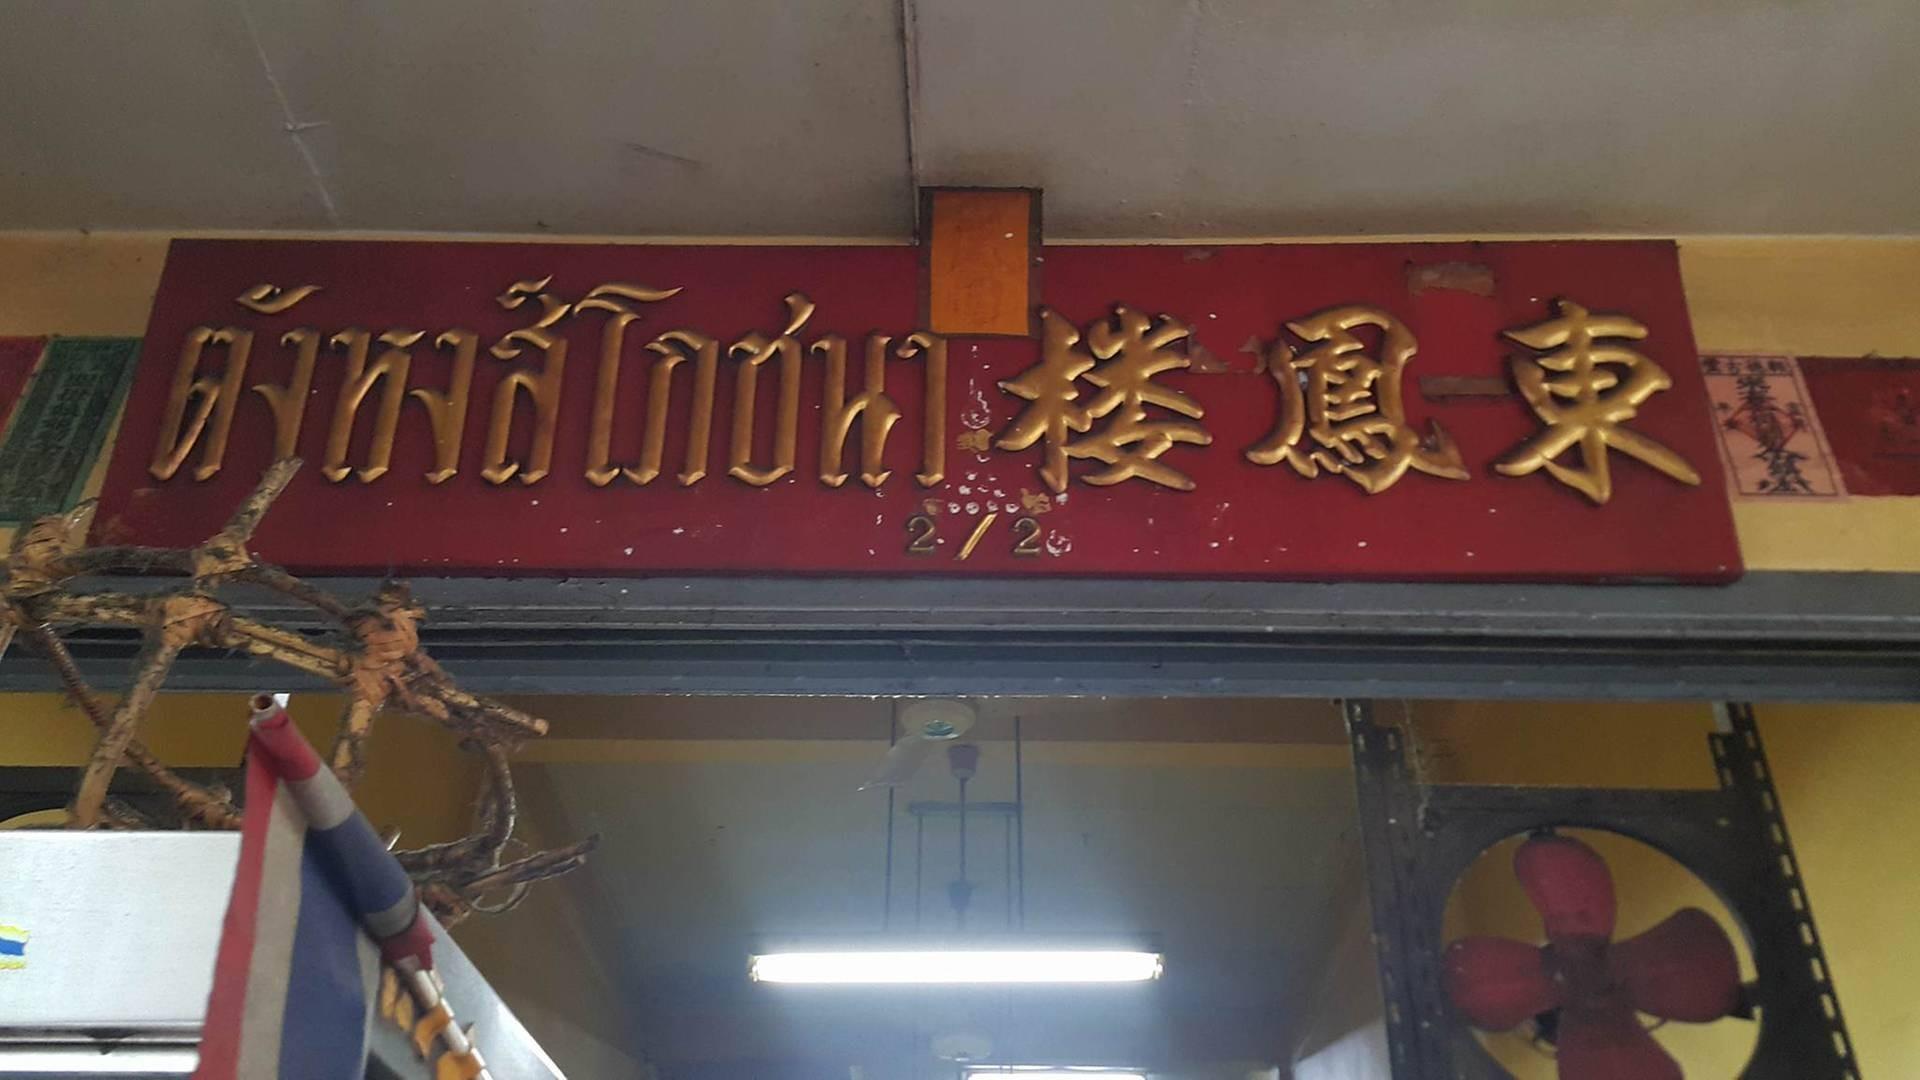 ชื่อร้าน